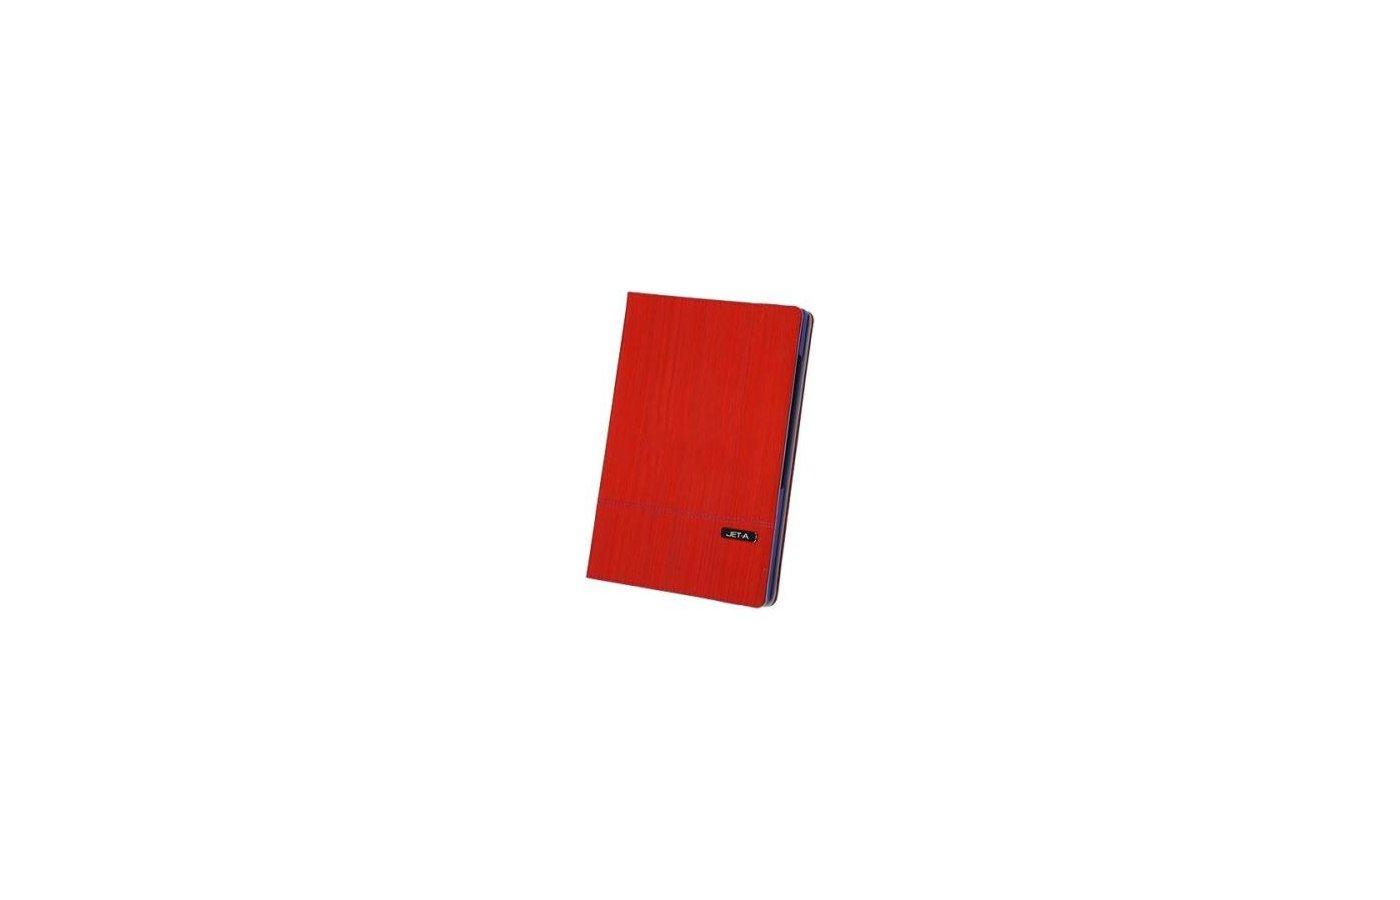 Чехол для планшетного ПК Jet.A SC10-8 для Sony Xperia Z2 Tablet 10.1 Цвет - Красный